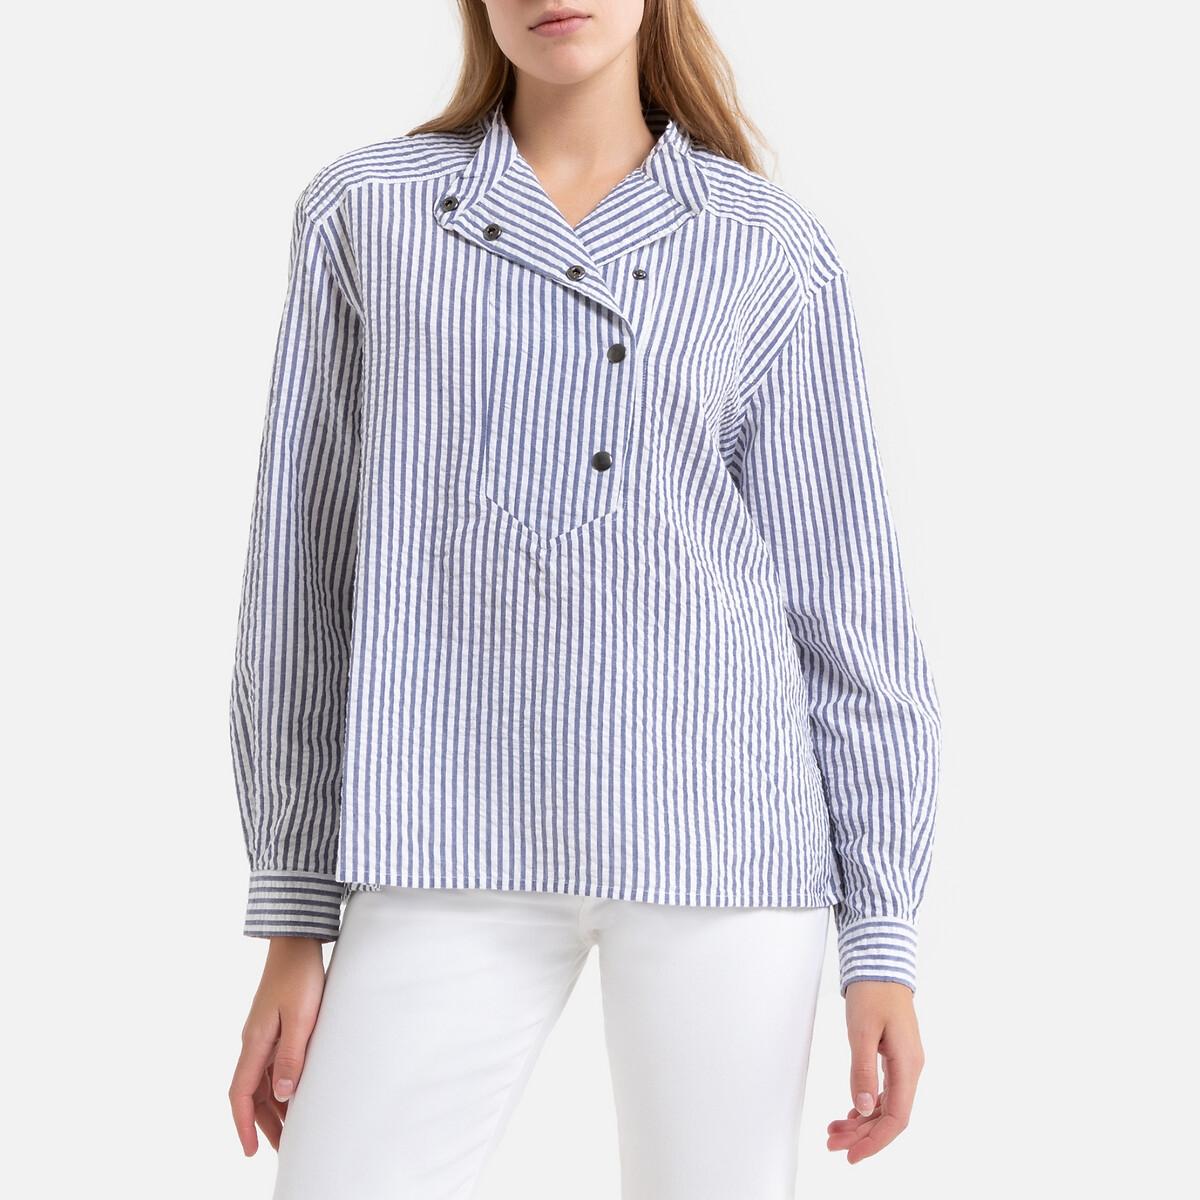 Блузка La Redoute В полоску с длинными рукавами SITA 2(M) синий блузка la redoute в полоску с длинными рукавами 12 лет 150 см другие